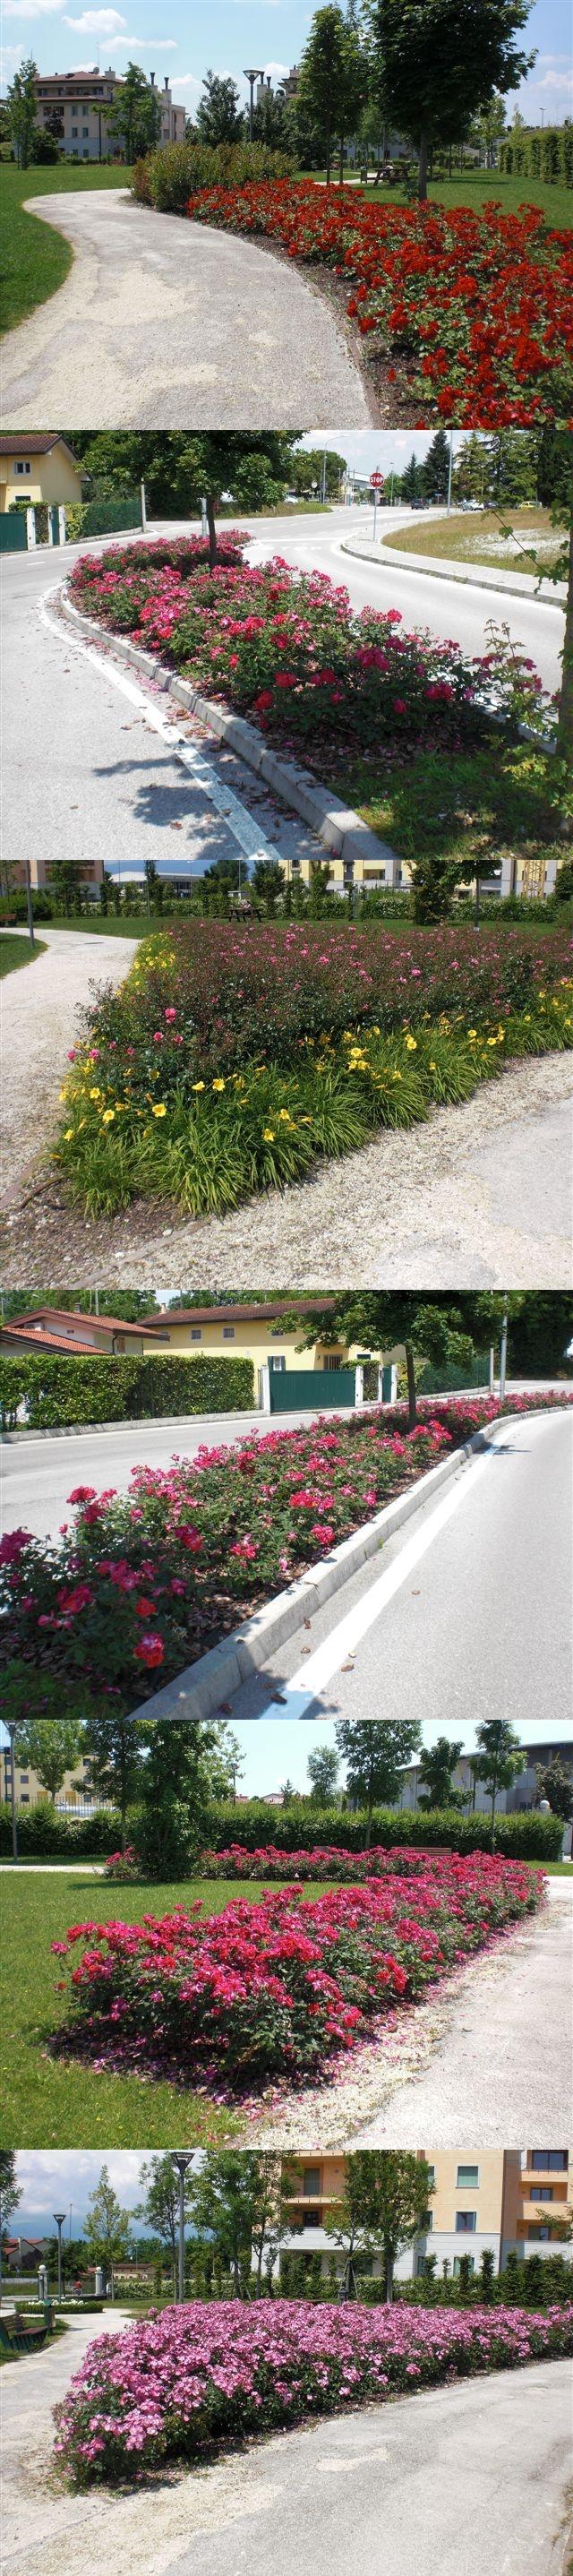 Maniaci delle curve fiorite! Gea fa fiorire il parco Cimolai a Pordenone! #pordenone #green